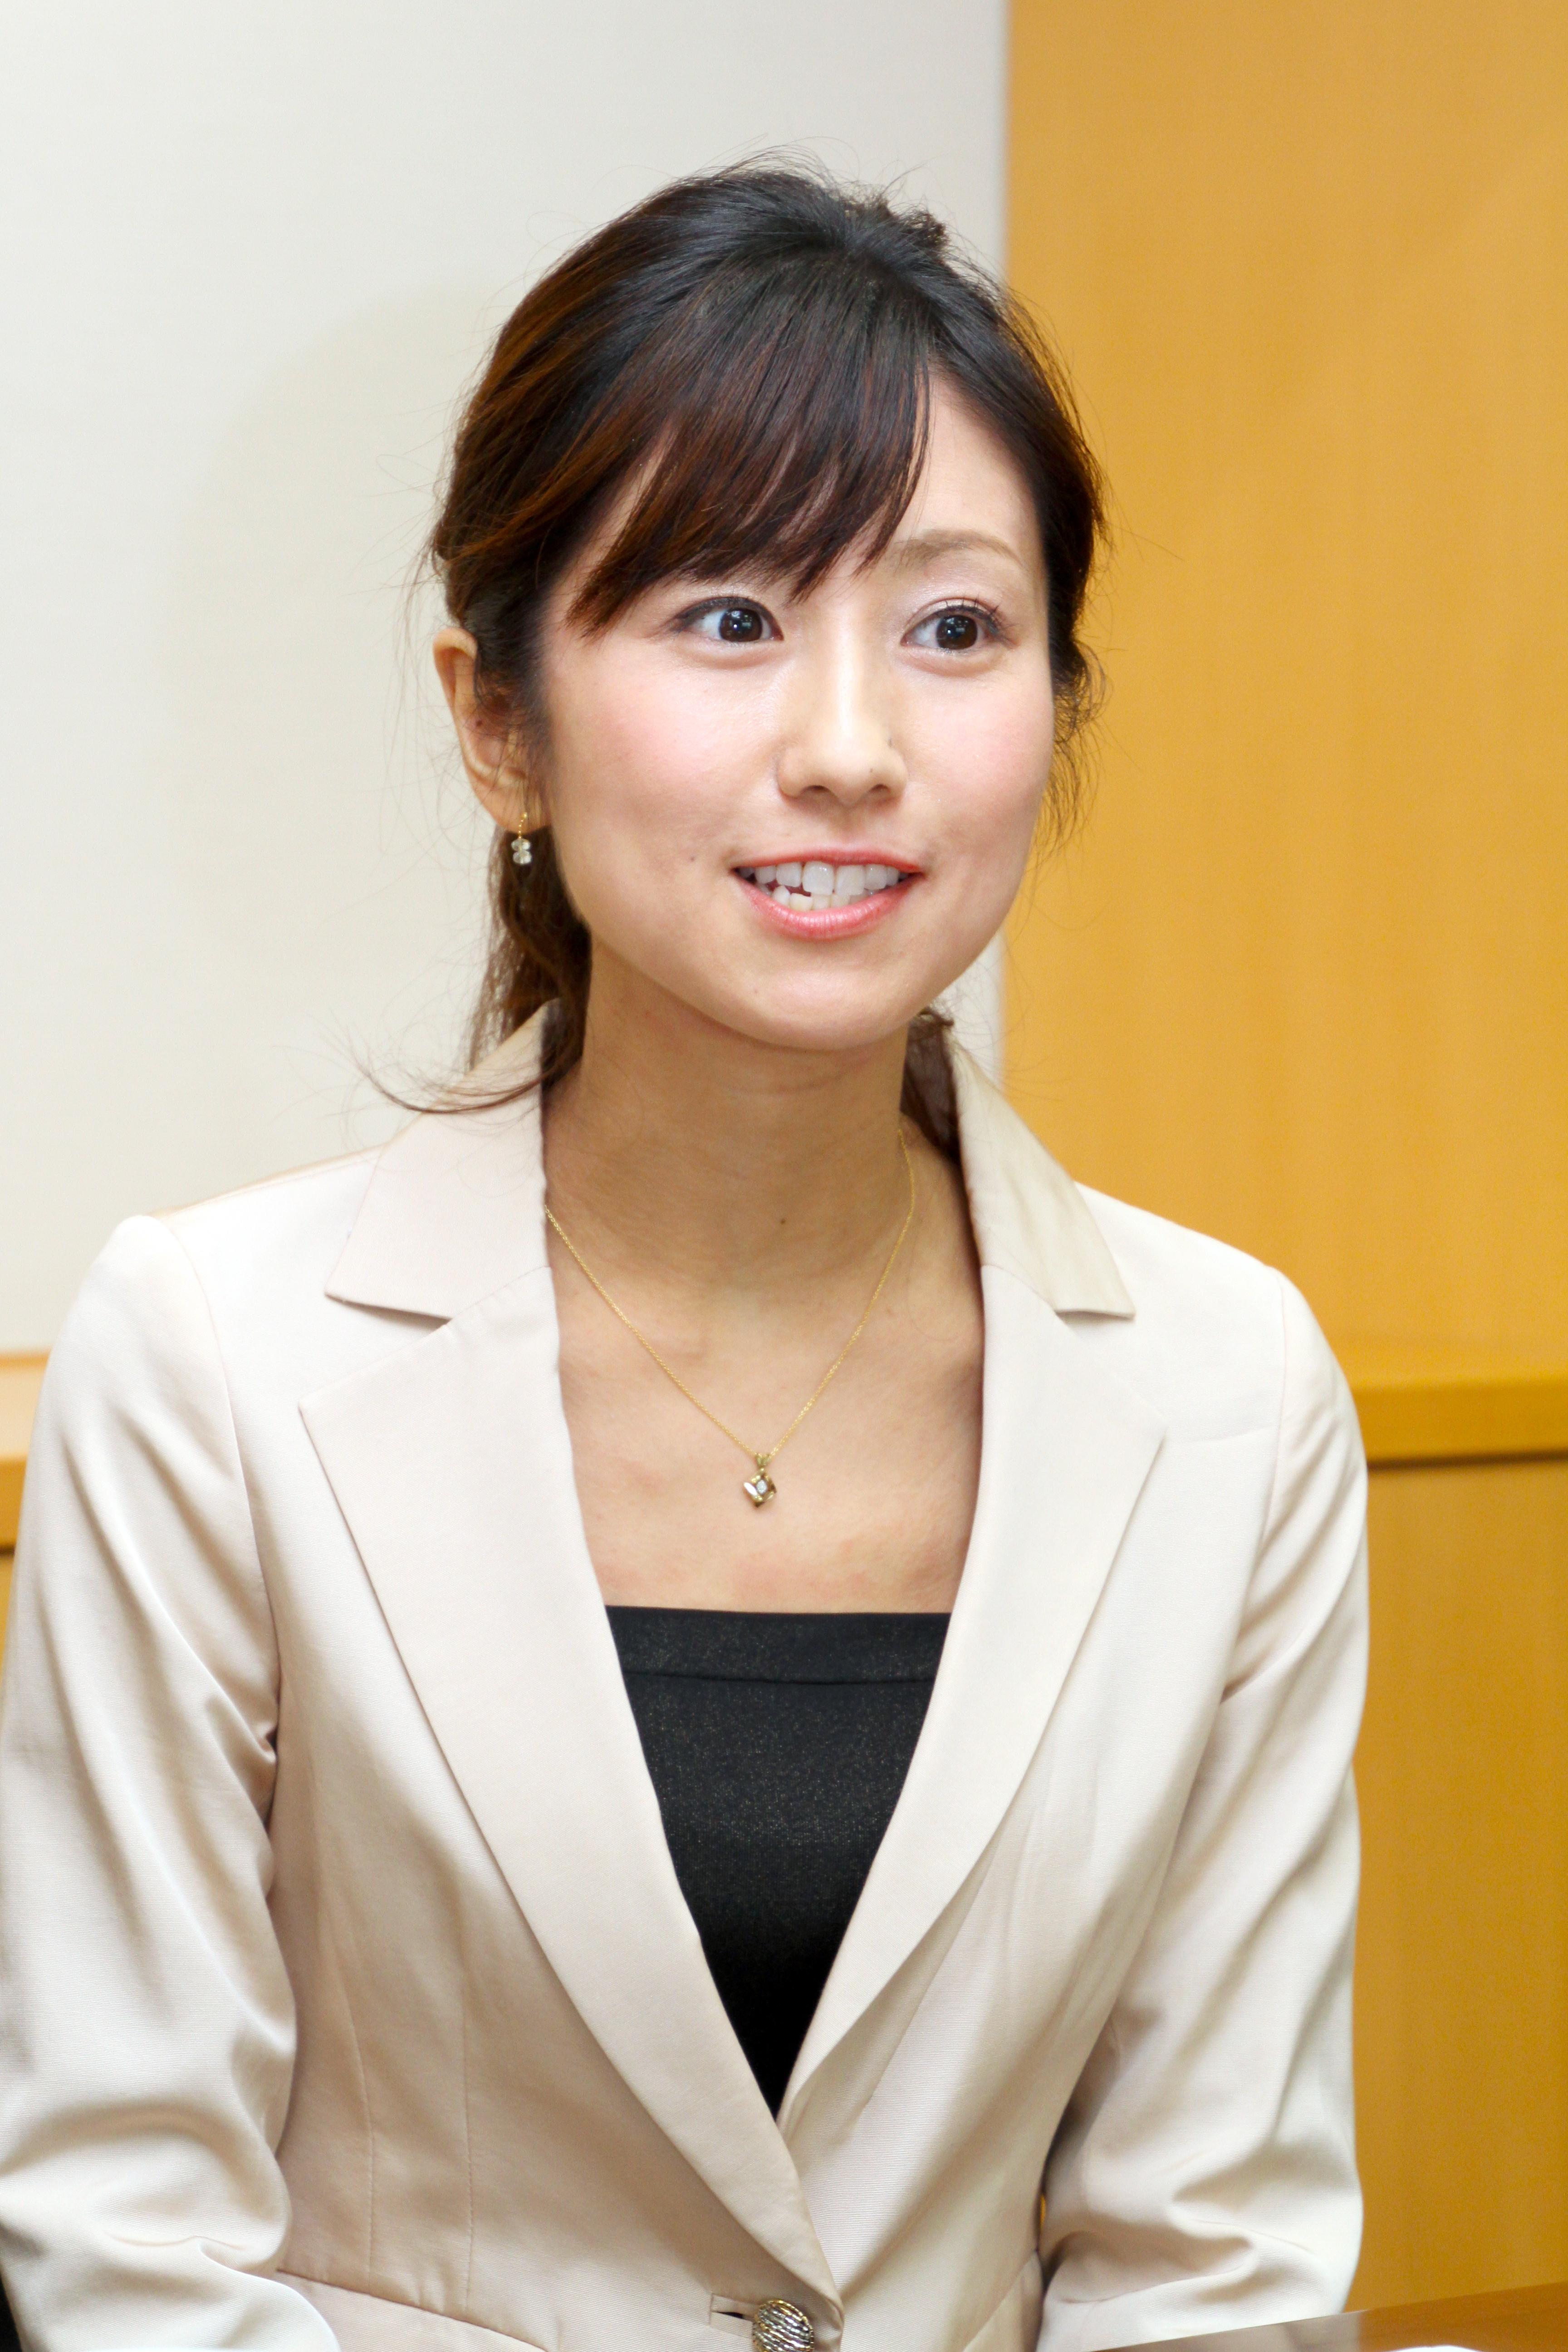 酒井 千佳氏(さかい・ちか)京都大卒。地方局のアナウンサーを経て12年からフリーキャスター。兵庫県出身。